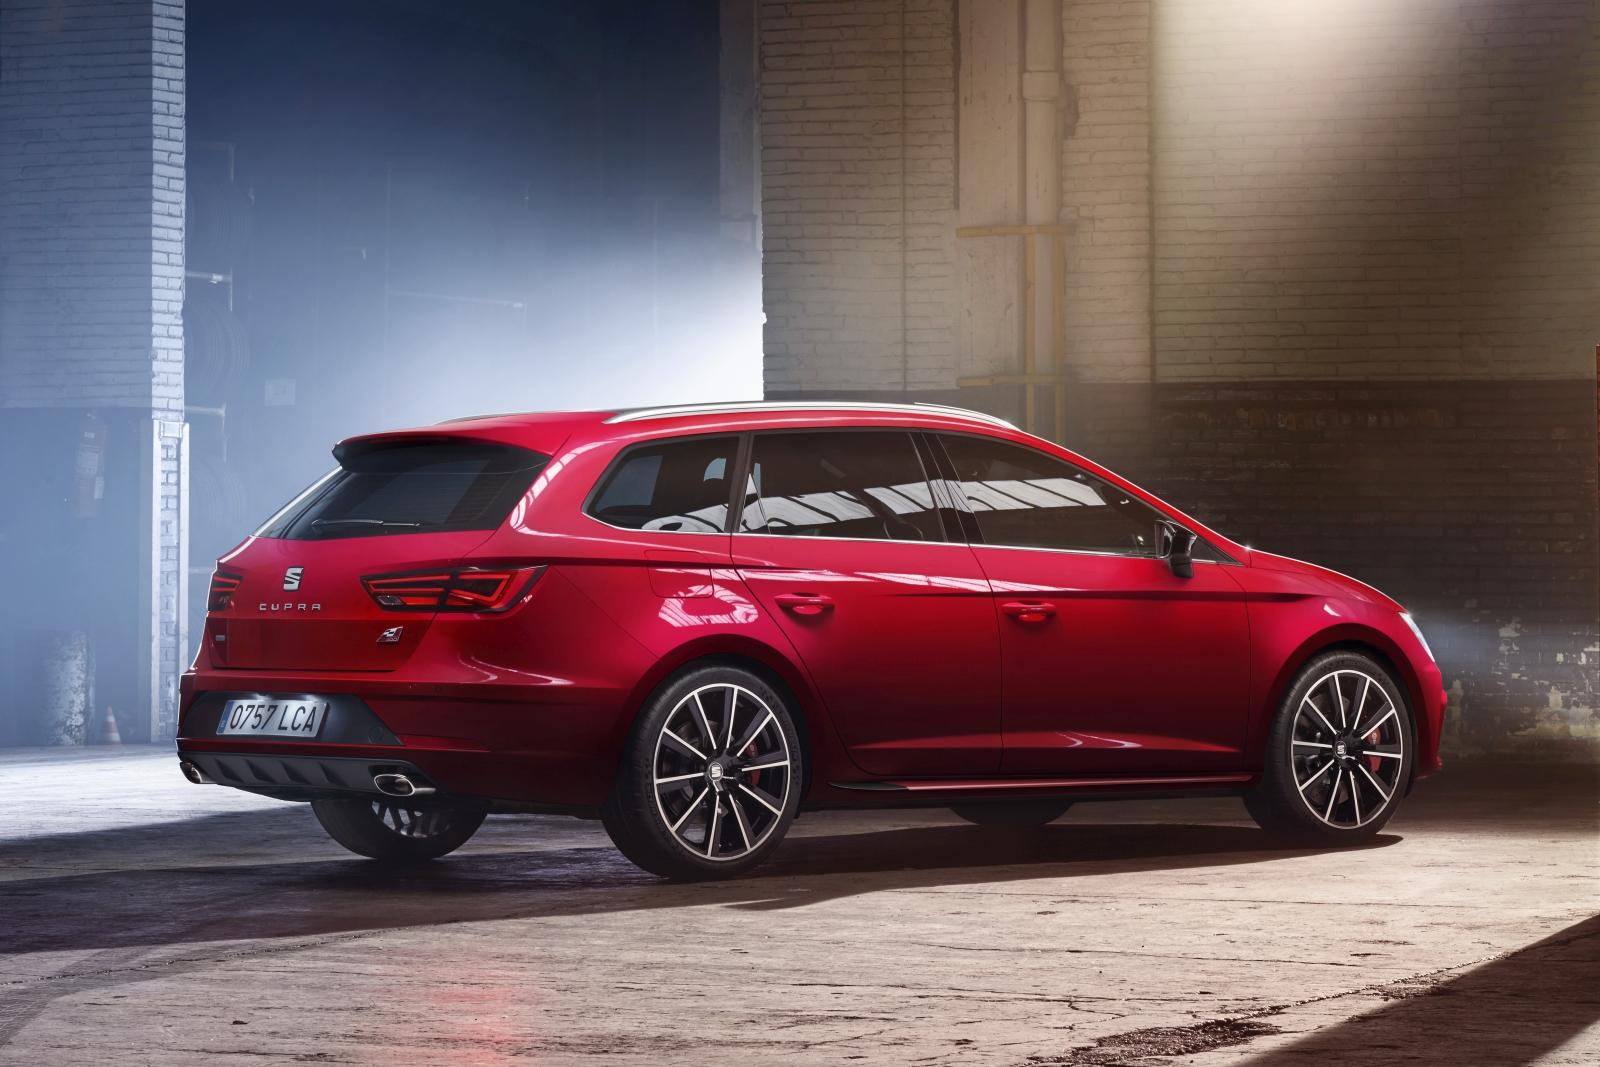 New-SEAT-Leon-CUPRA-300002